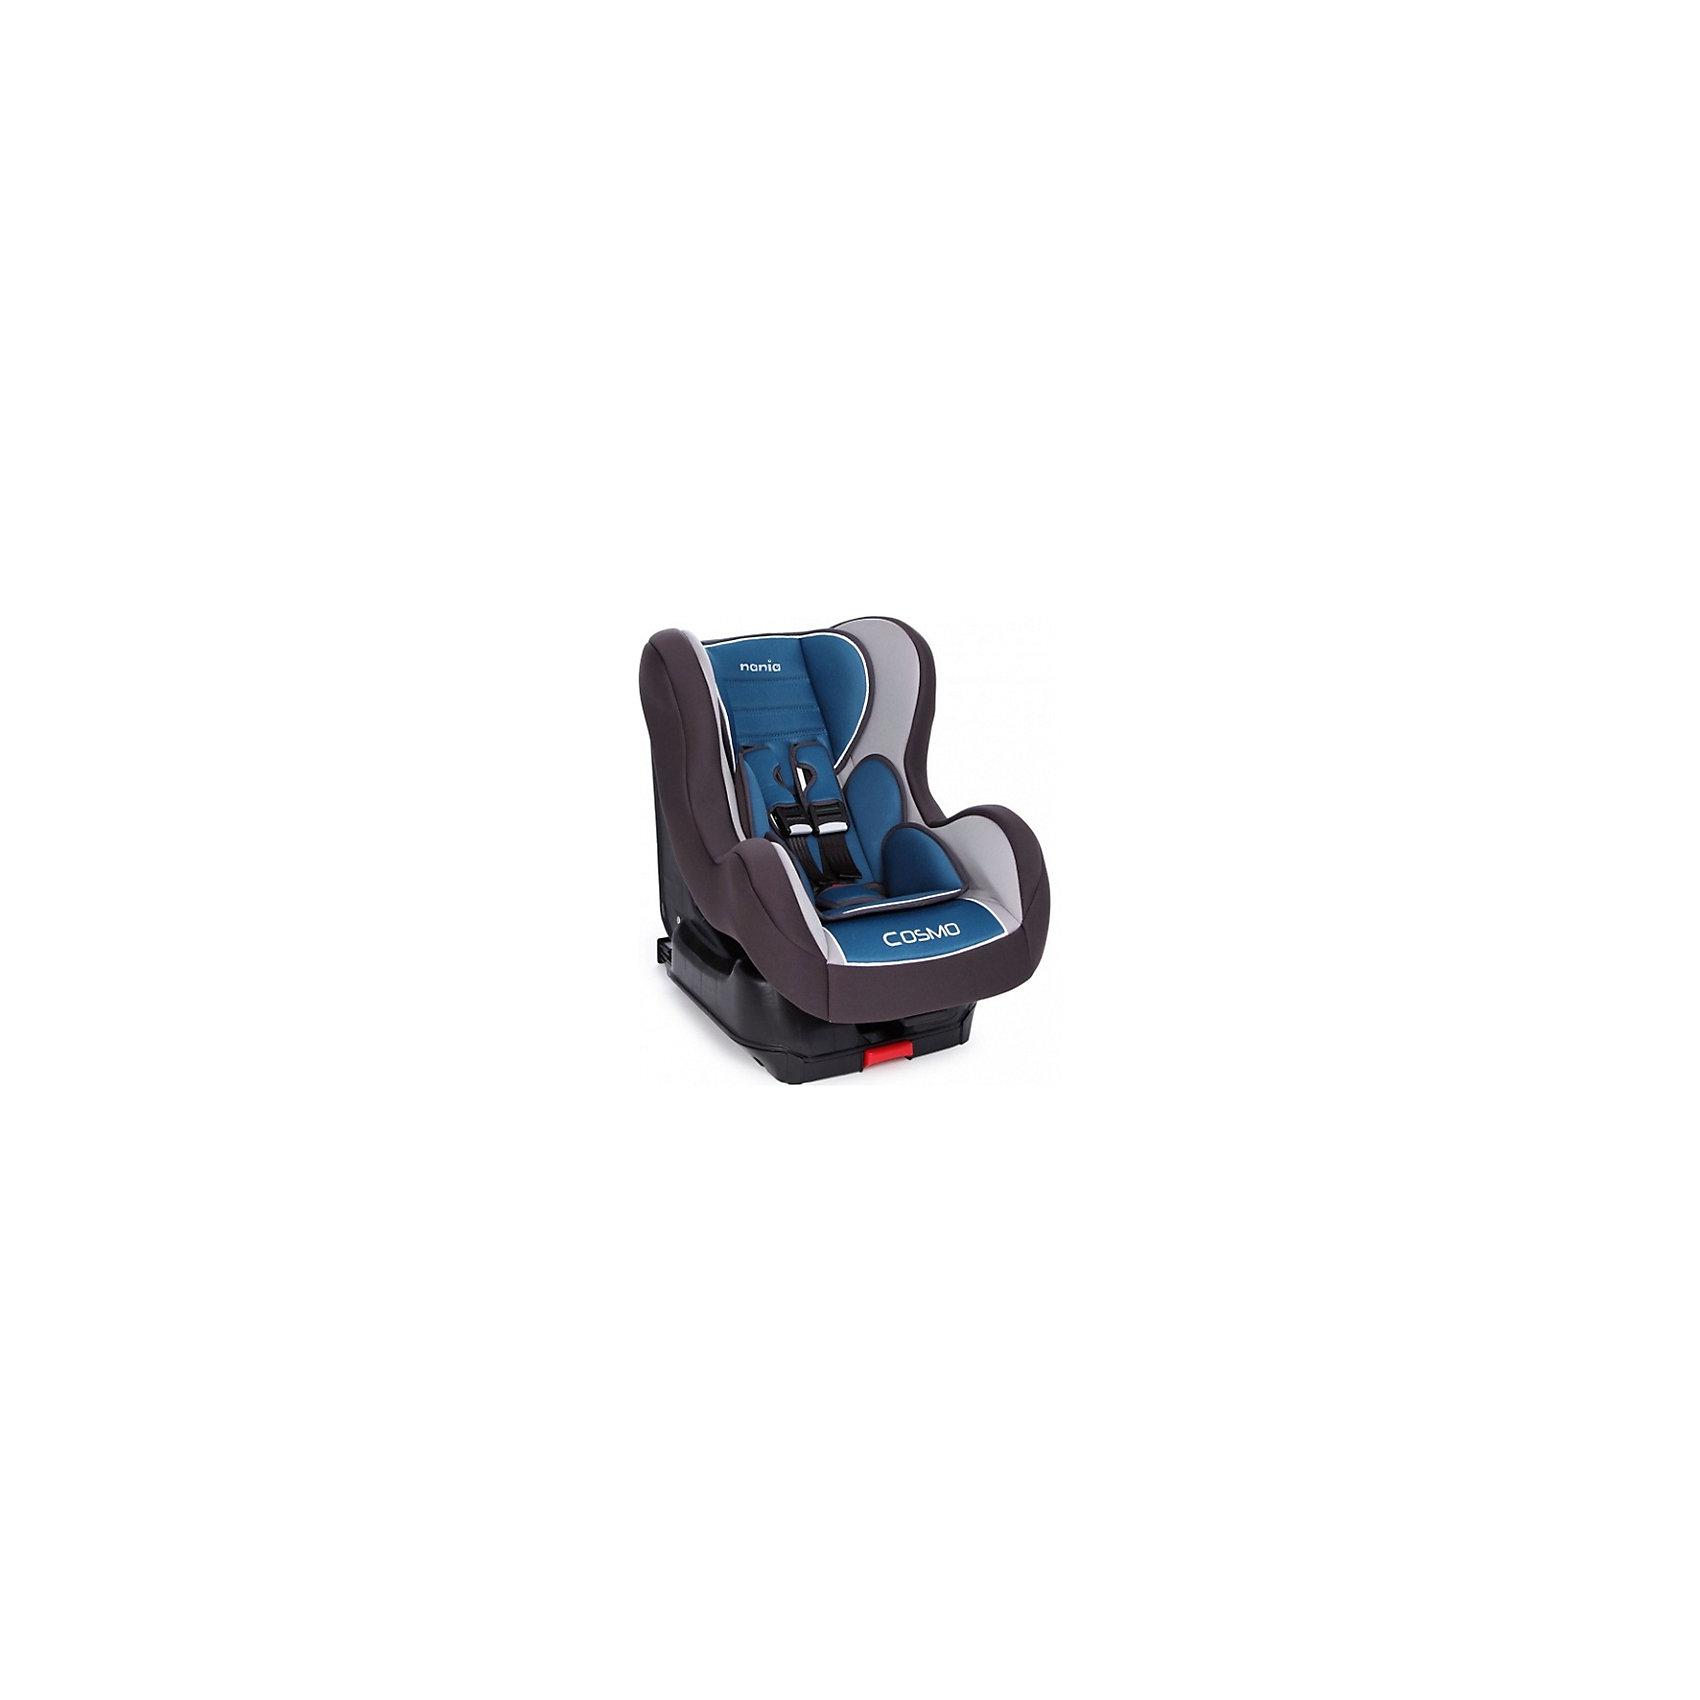 Автокресло Nania COSMO SP isofix 9-18 кг, AGORE PETROLE, голубойАвтокресла с креплением Isofix<br>Автокресло обеспечит сто процентную безопасность и комфортную посадку ребенка в автомобиле!<br>К сиденью кресло крепится автомобильными ремнями, а также имеет собственные пятиточечные ремни безопасности. У спинки кресла есть возможность регулировать наклон и имеются противоударные боковые стенки. <br>При необходимости чехол легко снимается и стирается.<br><br><br>Характеристики:<br>- Группа 0+/1 ( от 9 до 18 кг).  <br>- Установка лицом по ходу движения на заднем сиденье. <br>- Способ крепления в автомобиле Isofix. <br>- Спинка сиденья имеет 5 положений наклона. <br>- Дополнительные подушки 2 шт. <br>- 5-точечные ремни, со звуковым оповещением. <br>- Приятный материал ткани обивки.<br><br>Дополнительная информация:<br><br>- Возраст: от 0 до 4 лет.<br>- Материал: пластик, текстиль.<br>- Цвет: голубой.<br>- Размер упаковки: 60х50х70 см.<br>- Вес в упаковке: 11030 г.<br><br>Купить автокресла COSMO SP isofix 9-18 кг, AGORA PETROLE, в голубом цвете, можно в нашем магазине.<br><br>Ширина мм: 600<br>Глубина мм: 500<br>Высота мм: 700<br>Вес г: 11030<br>Возраст от месяцев: 9<br>Возраст до месяцев: 36<br>Пол: Мужской<br>Возраст: Детский<br>SKU: 4828318